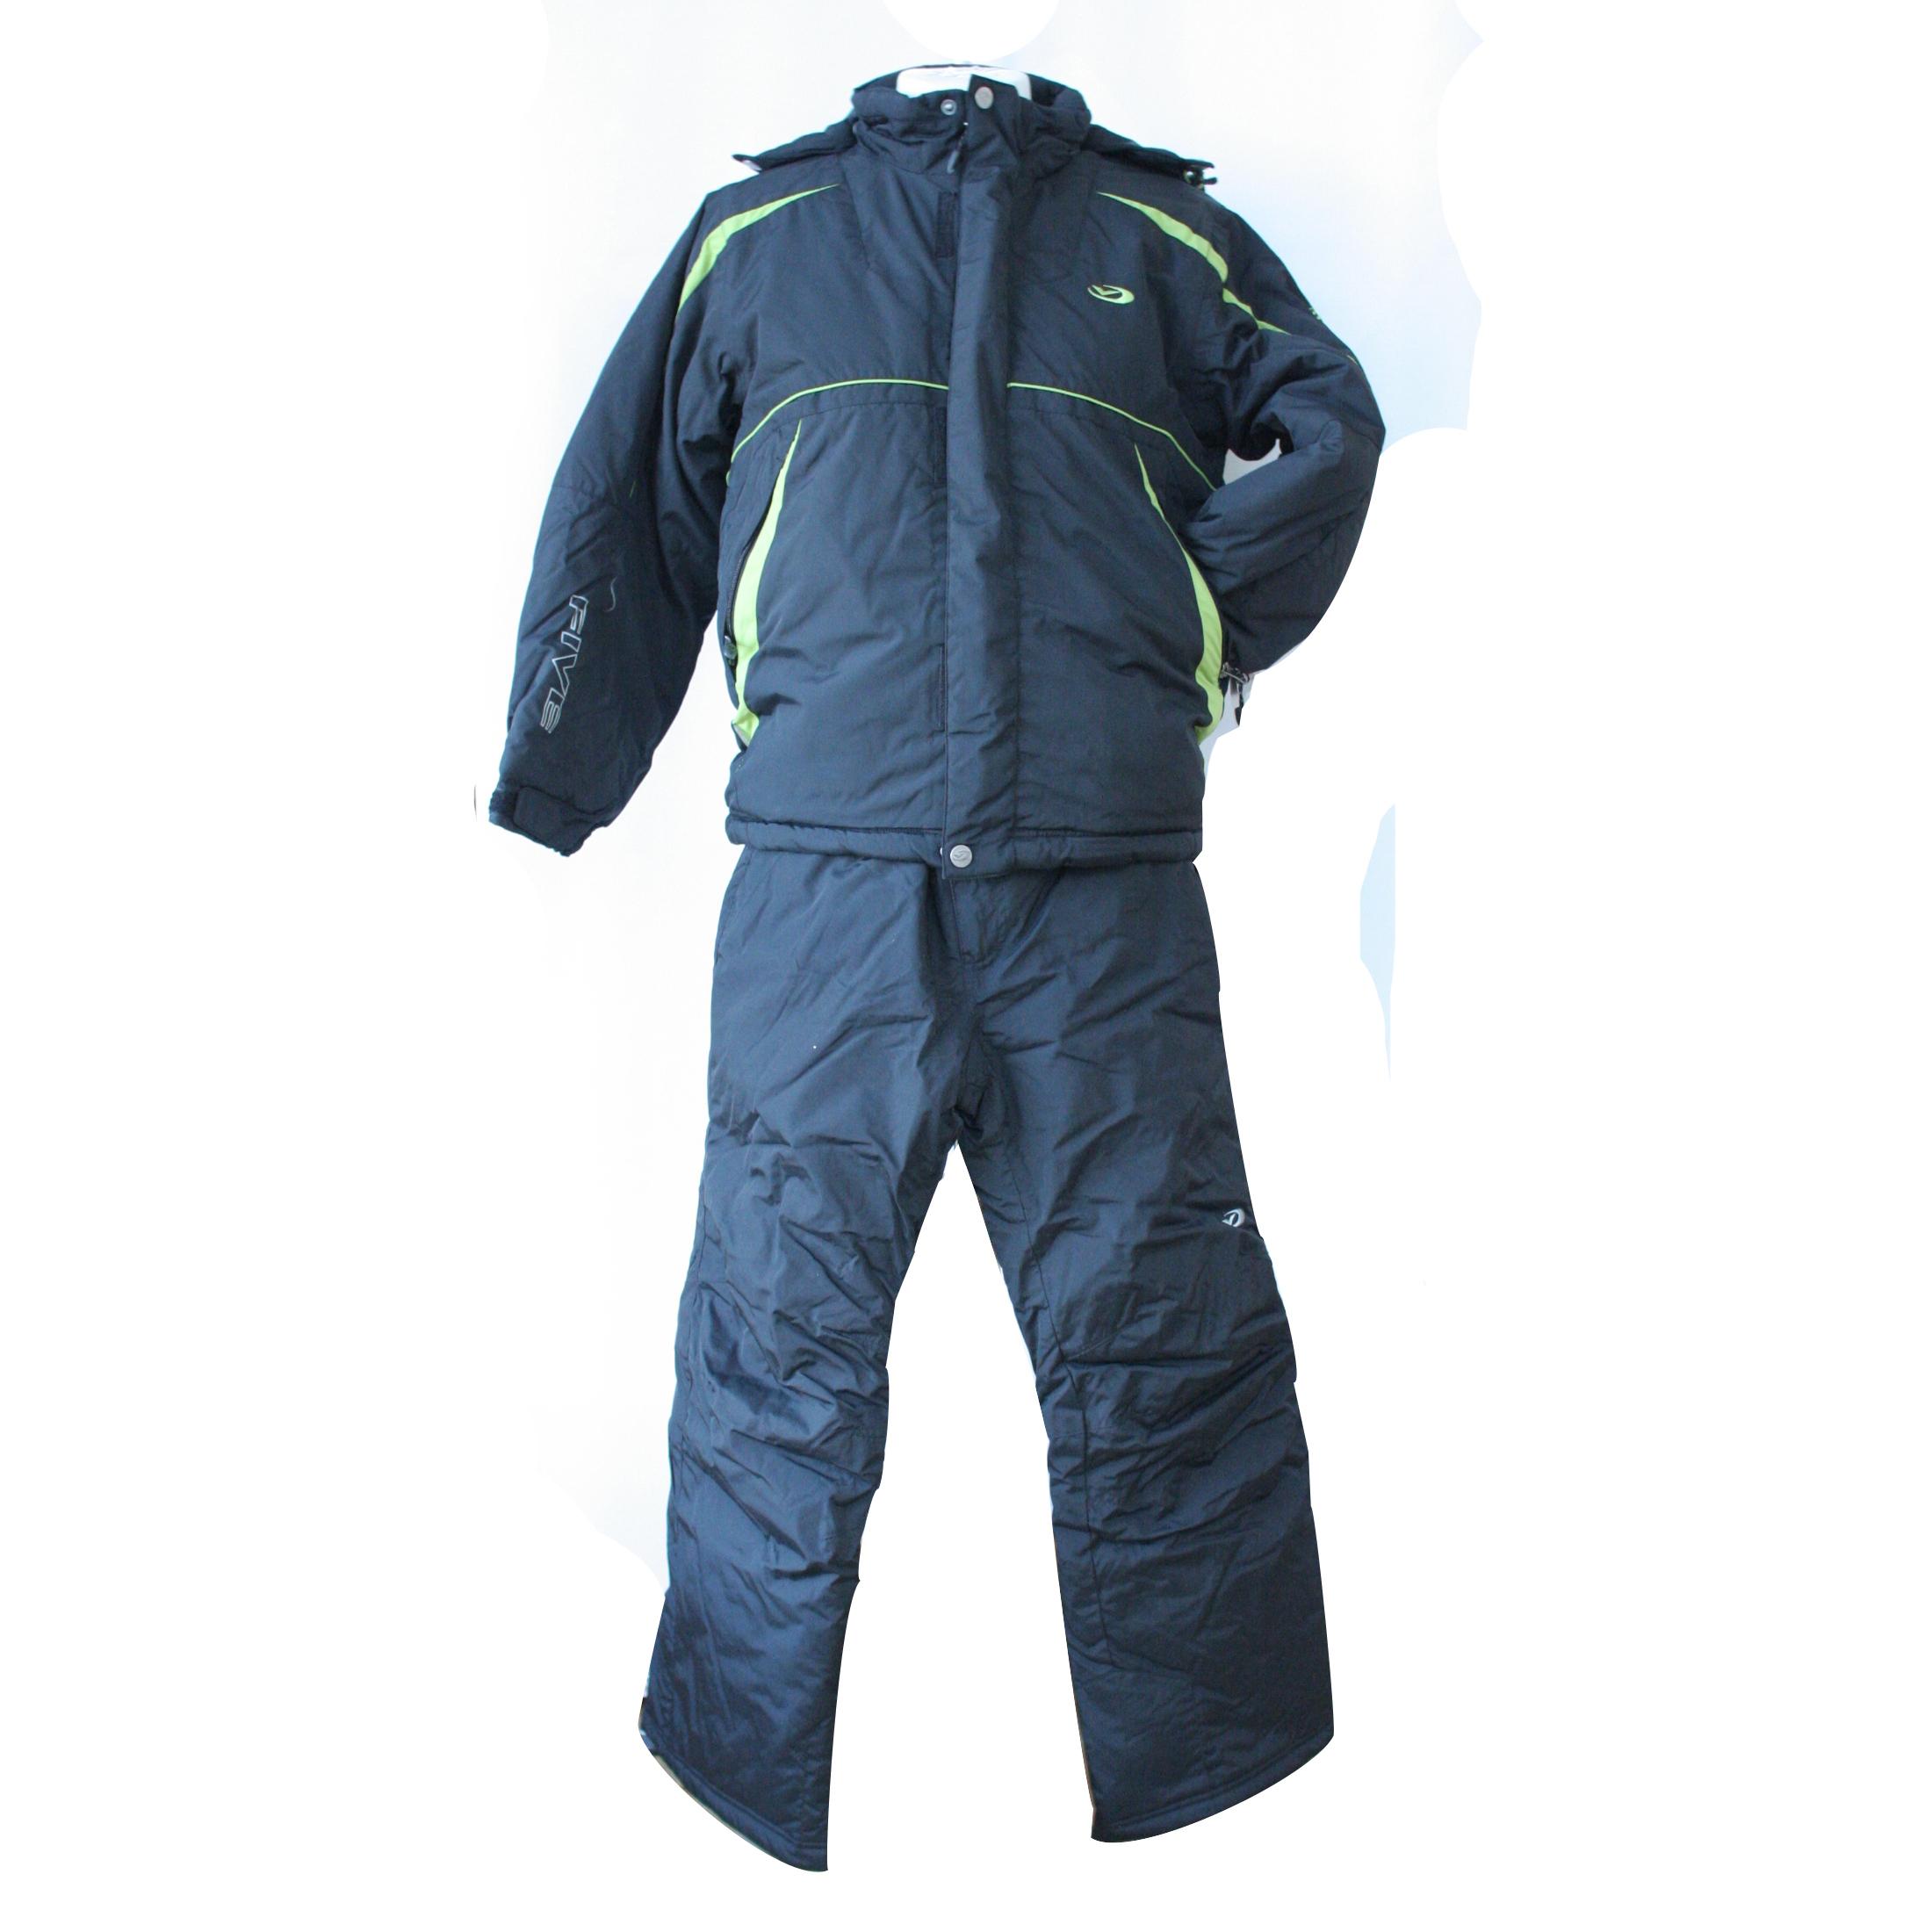 Five Season Boys Ski Suit Black - O Dwyers Golf Store 01a3a5a8e